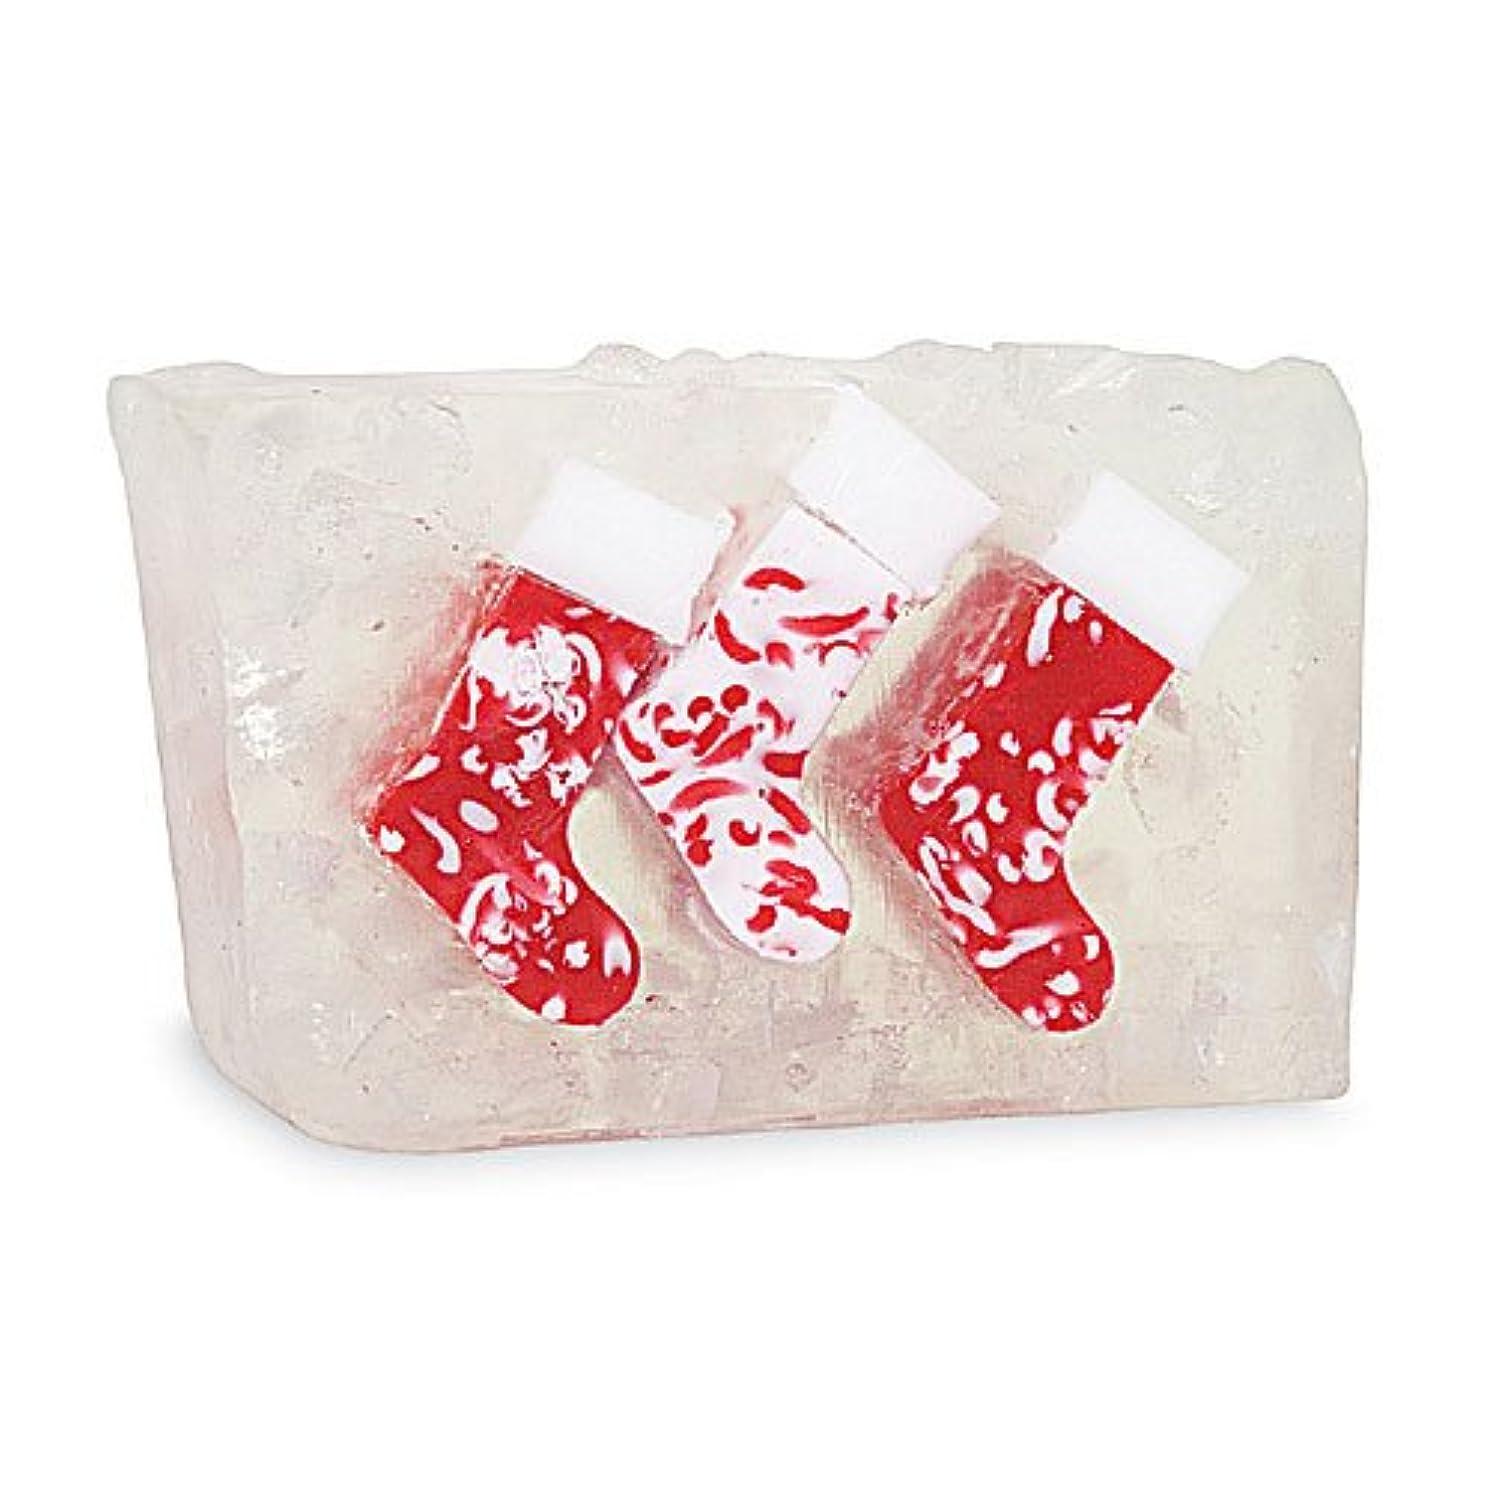 ホイストジレンマエスカレータープライモールエレメンツ アロマティック ソープ くつ下 180g 植物性 ナチュラル 石鹸 無添加